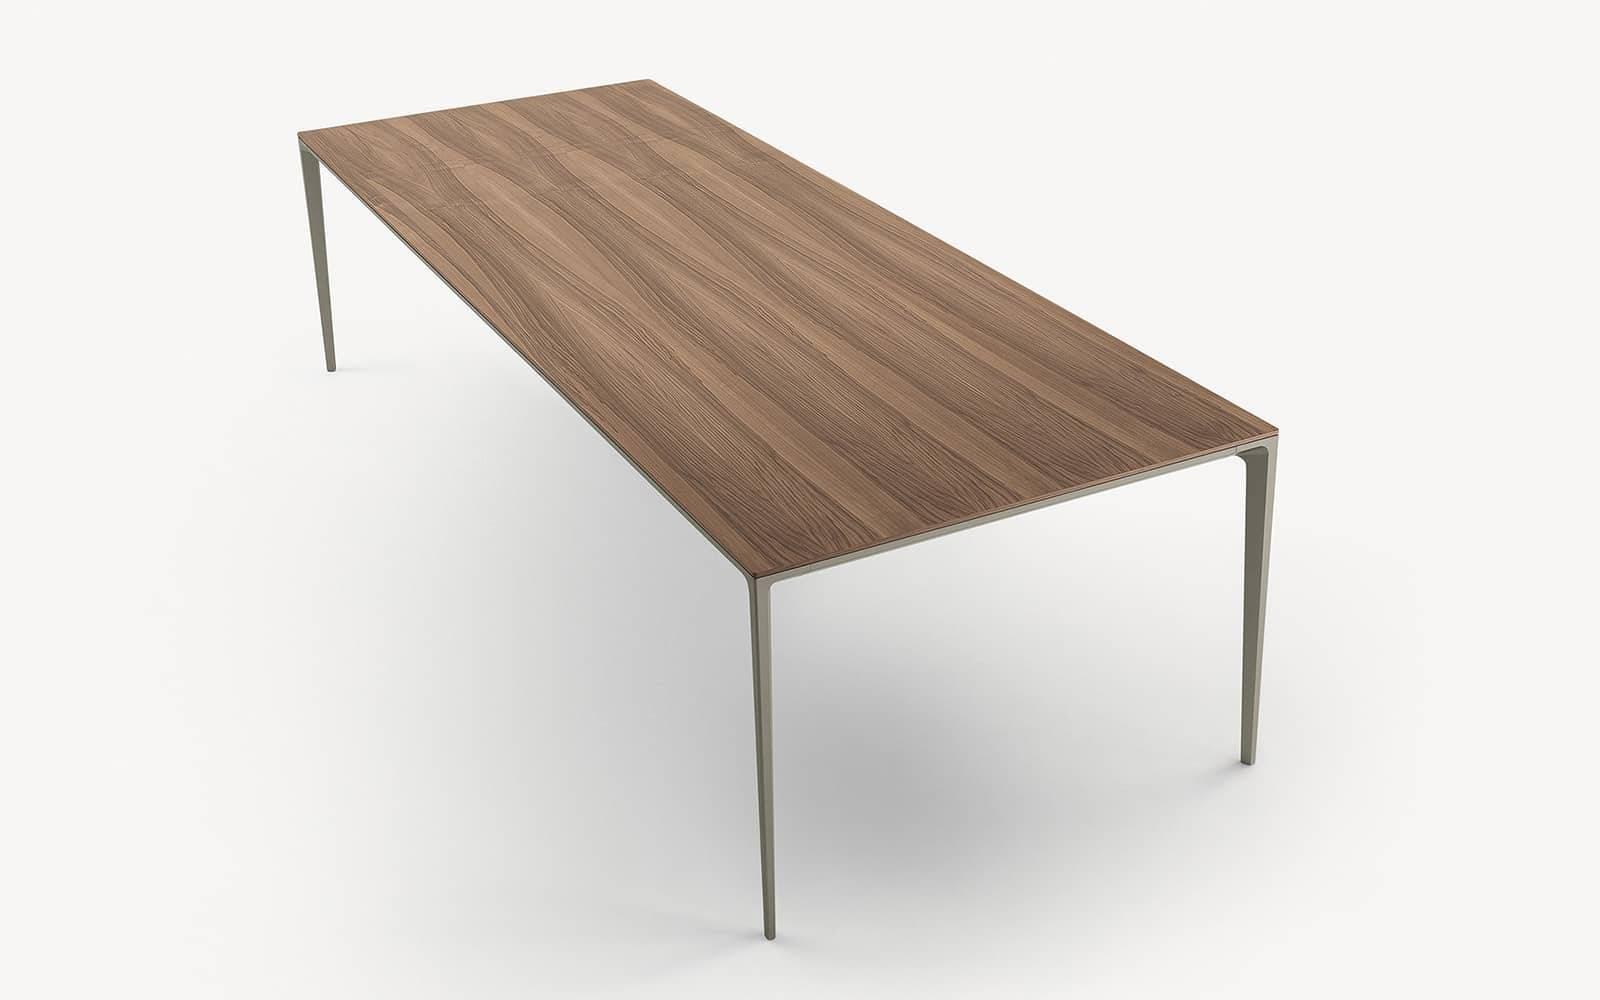 rechthoekige tafel in houtfineer met aluminium poten rimadesio long island italiaans design